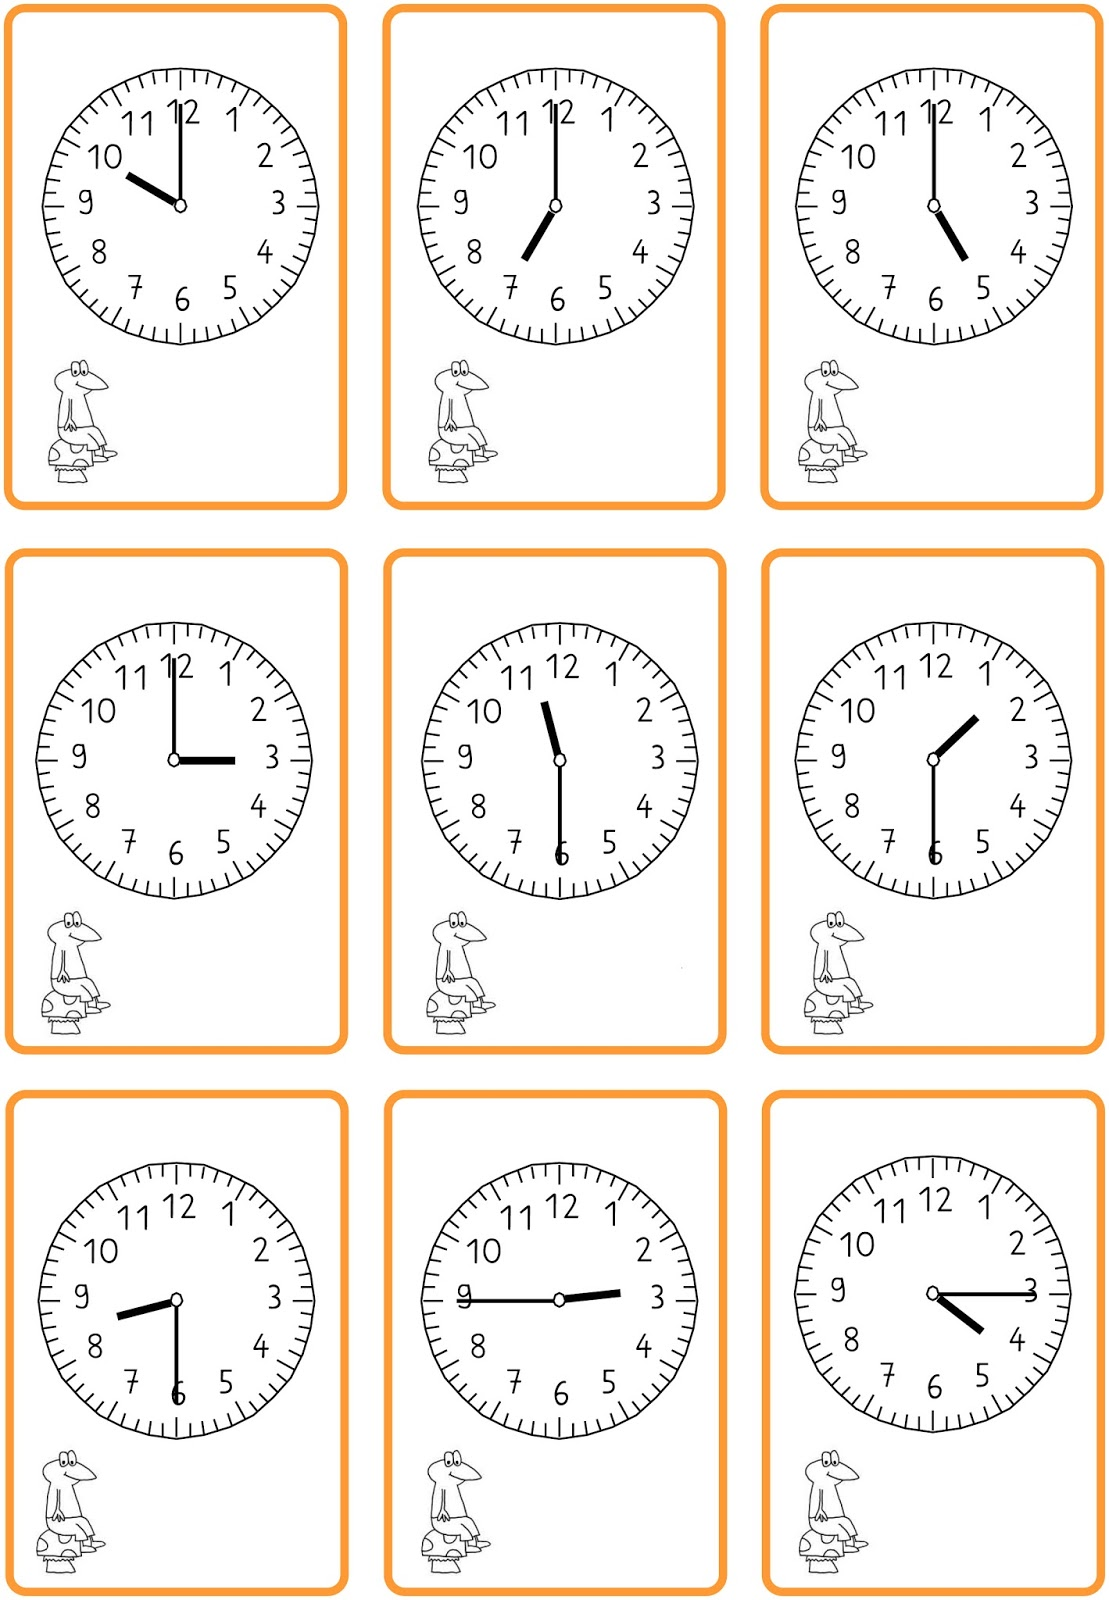 Arbeitsblatt Uhrzeit Volle Und Halbe Stunden : Lernstübchen uhrzeiten lesen schwarzer peter